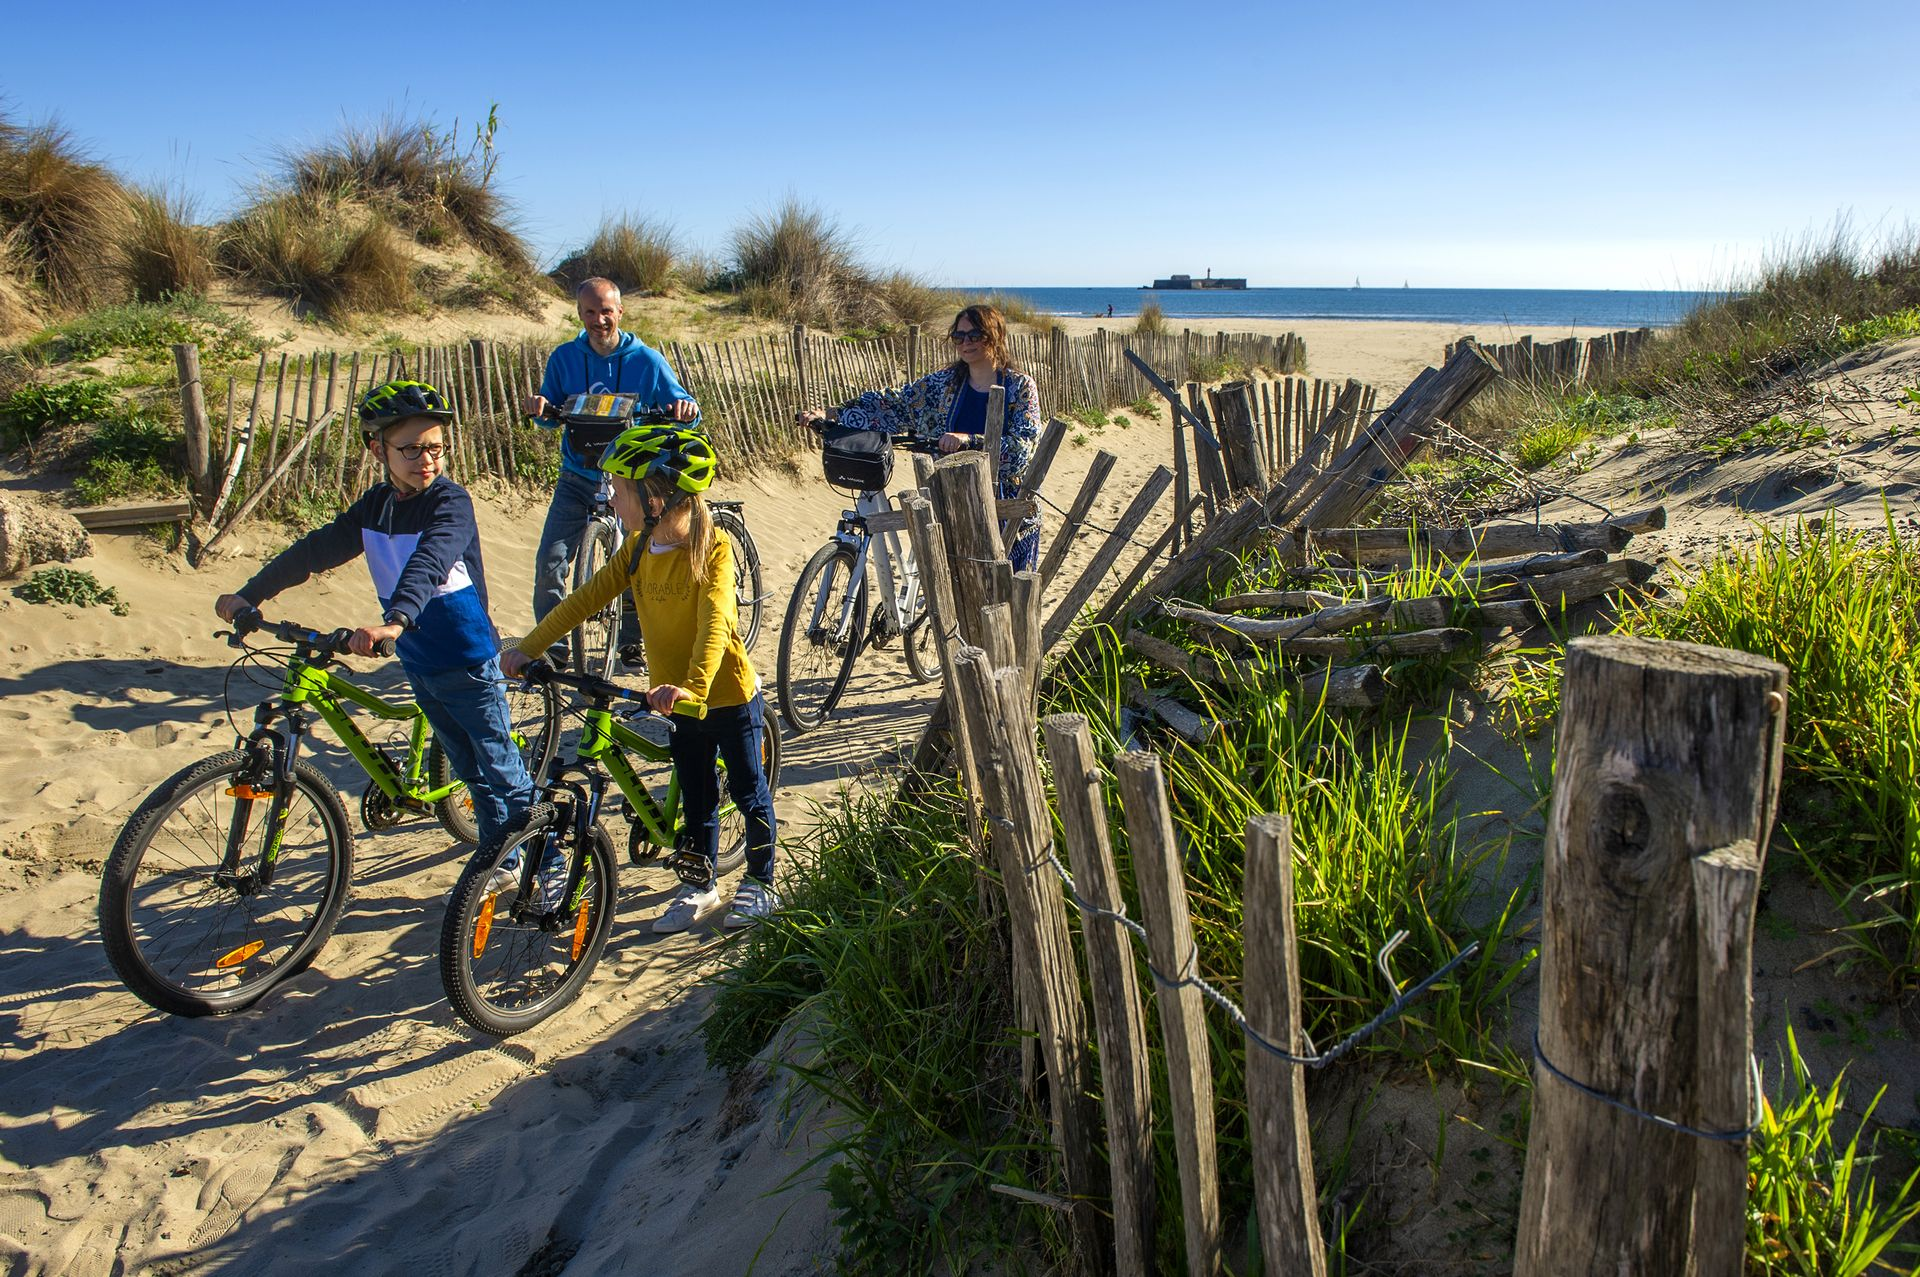 Balade en vélo le long de la plage Richelieu au Cap d'Agde en famille